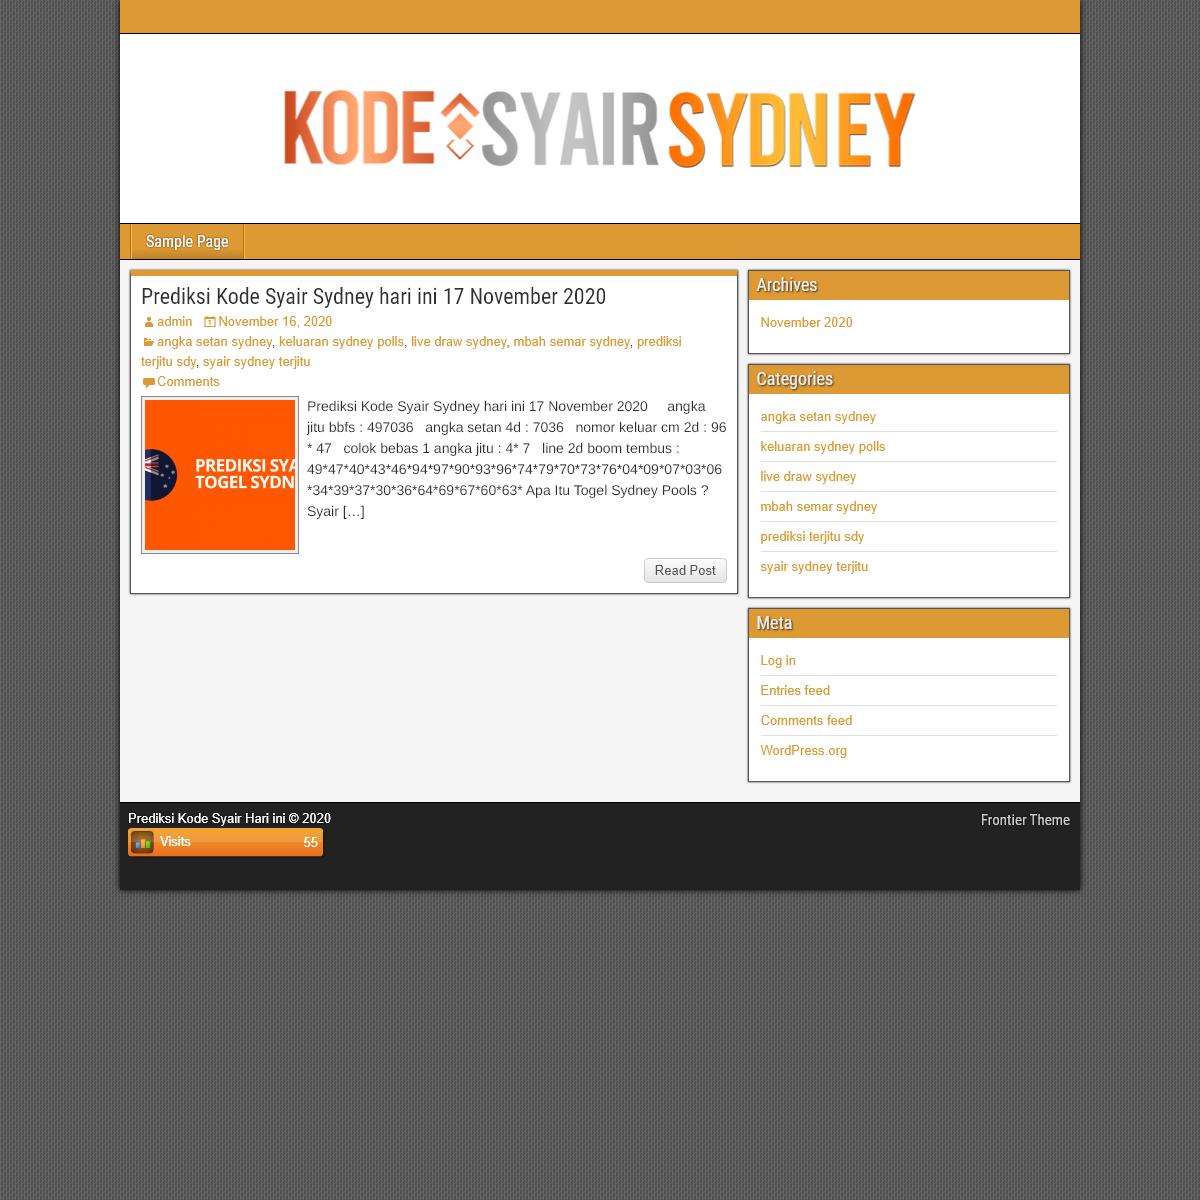 Prediksi Kode Syair Sydney Polls Hari ini - Keluaran Sydney Polls - Live Draw Tercepat Sydney Polls Hari ini